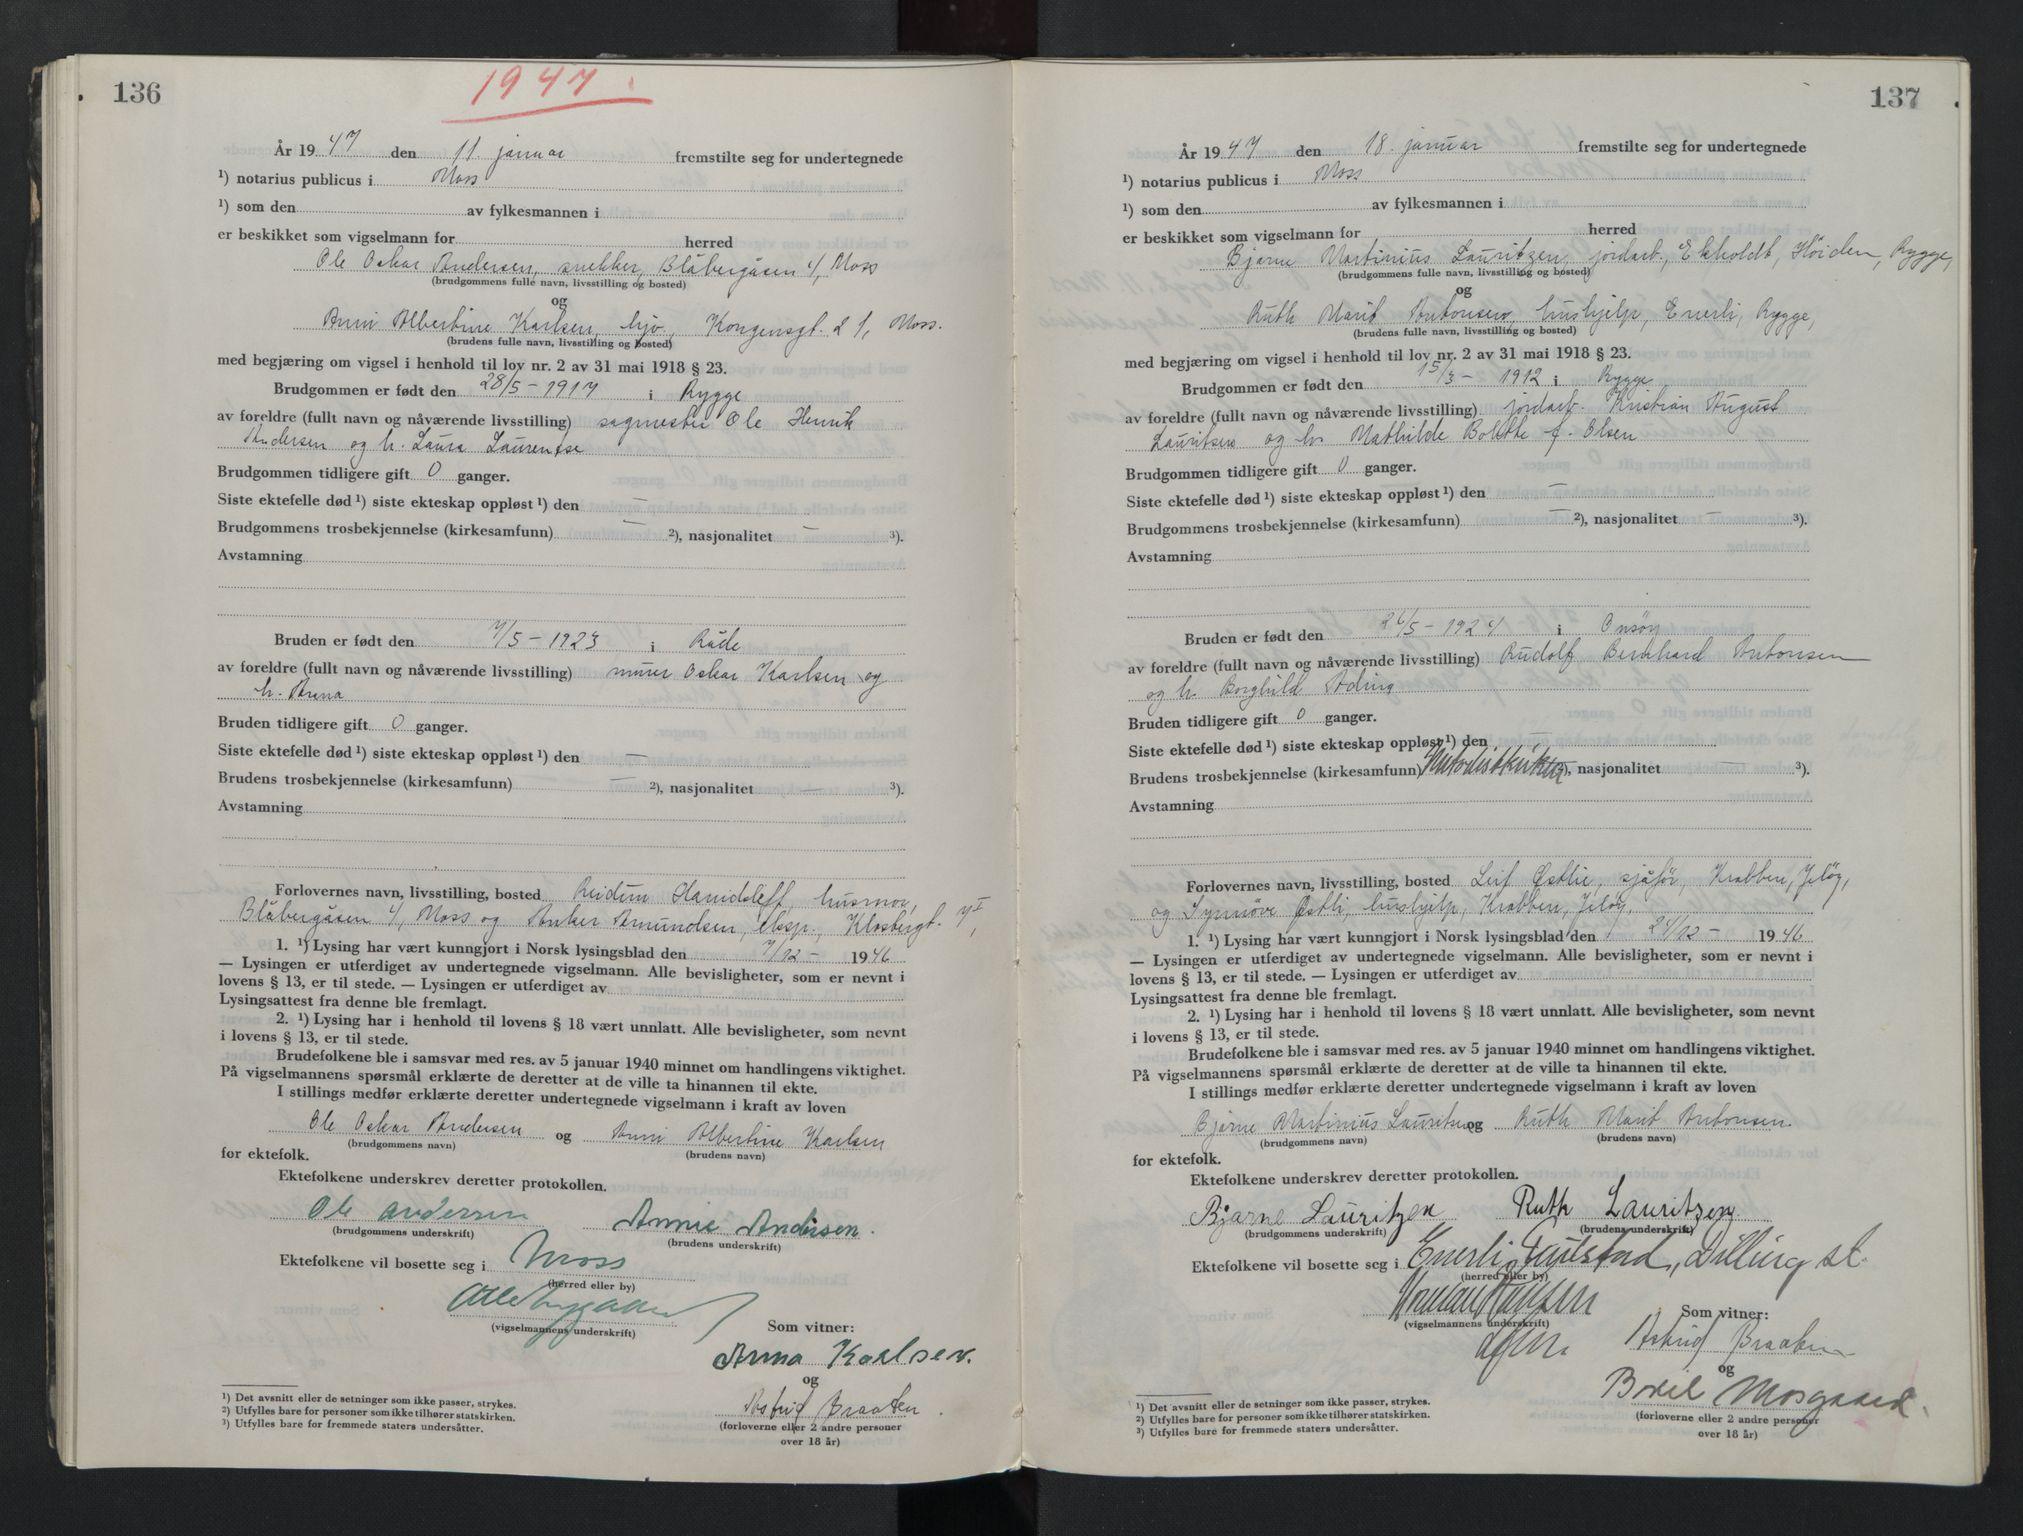 SAO, Moss sorenskriveri, 1945-1948, s. 136-137